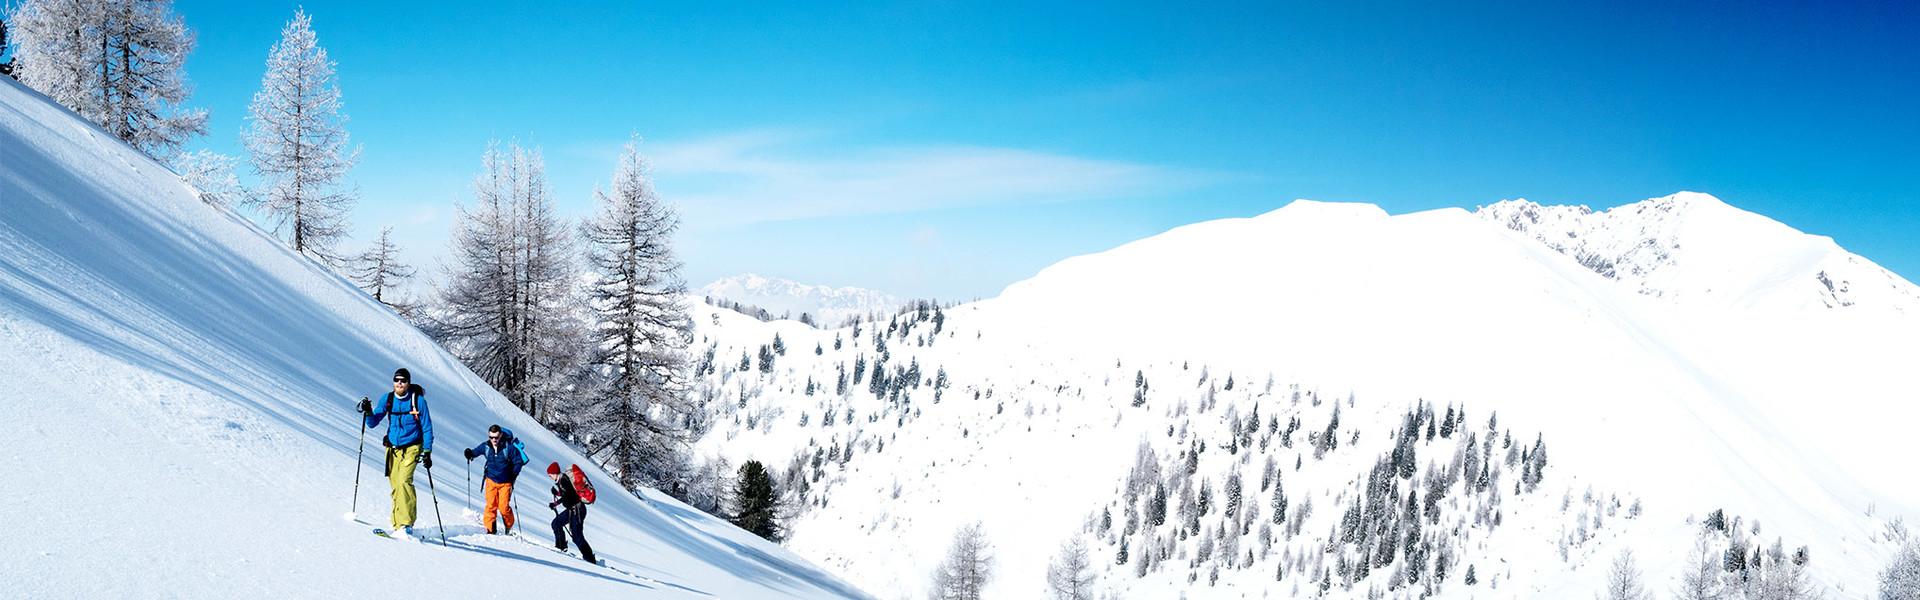 Skitourengeher im Aufstieg bei Sonnenschein